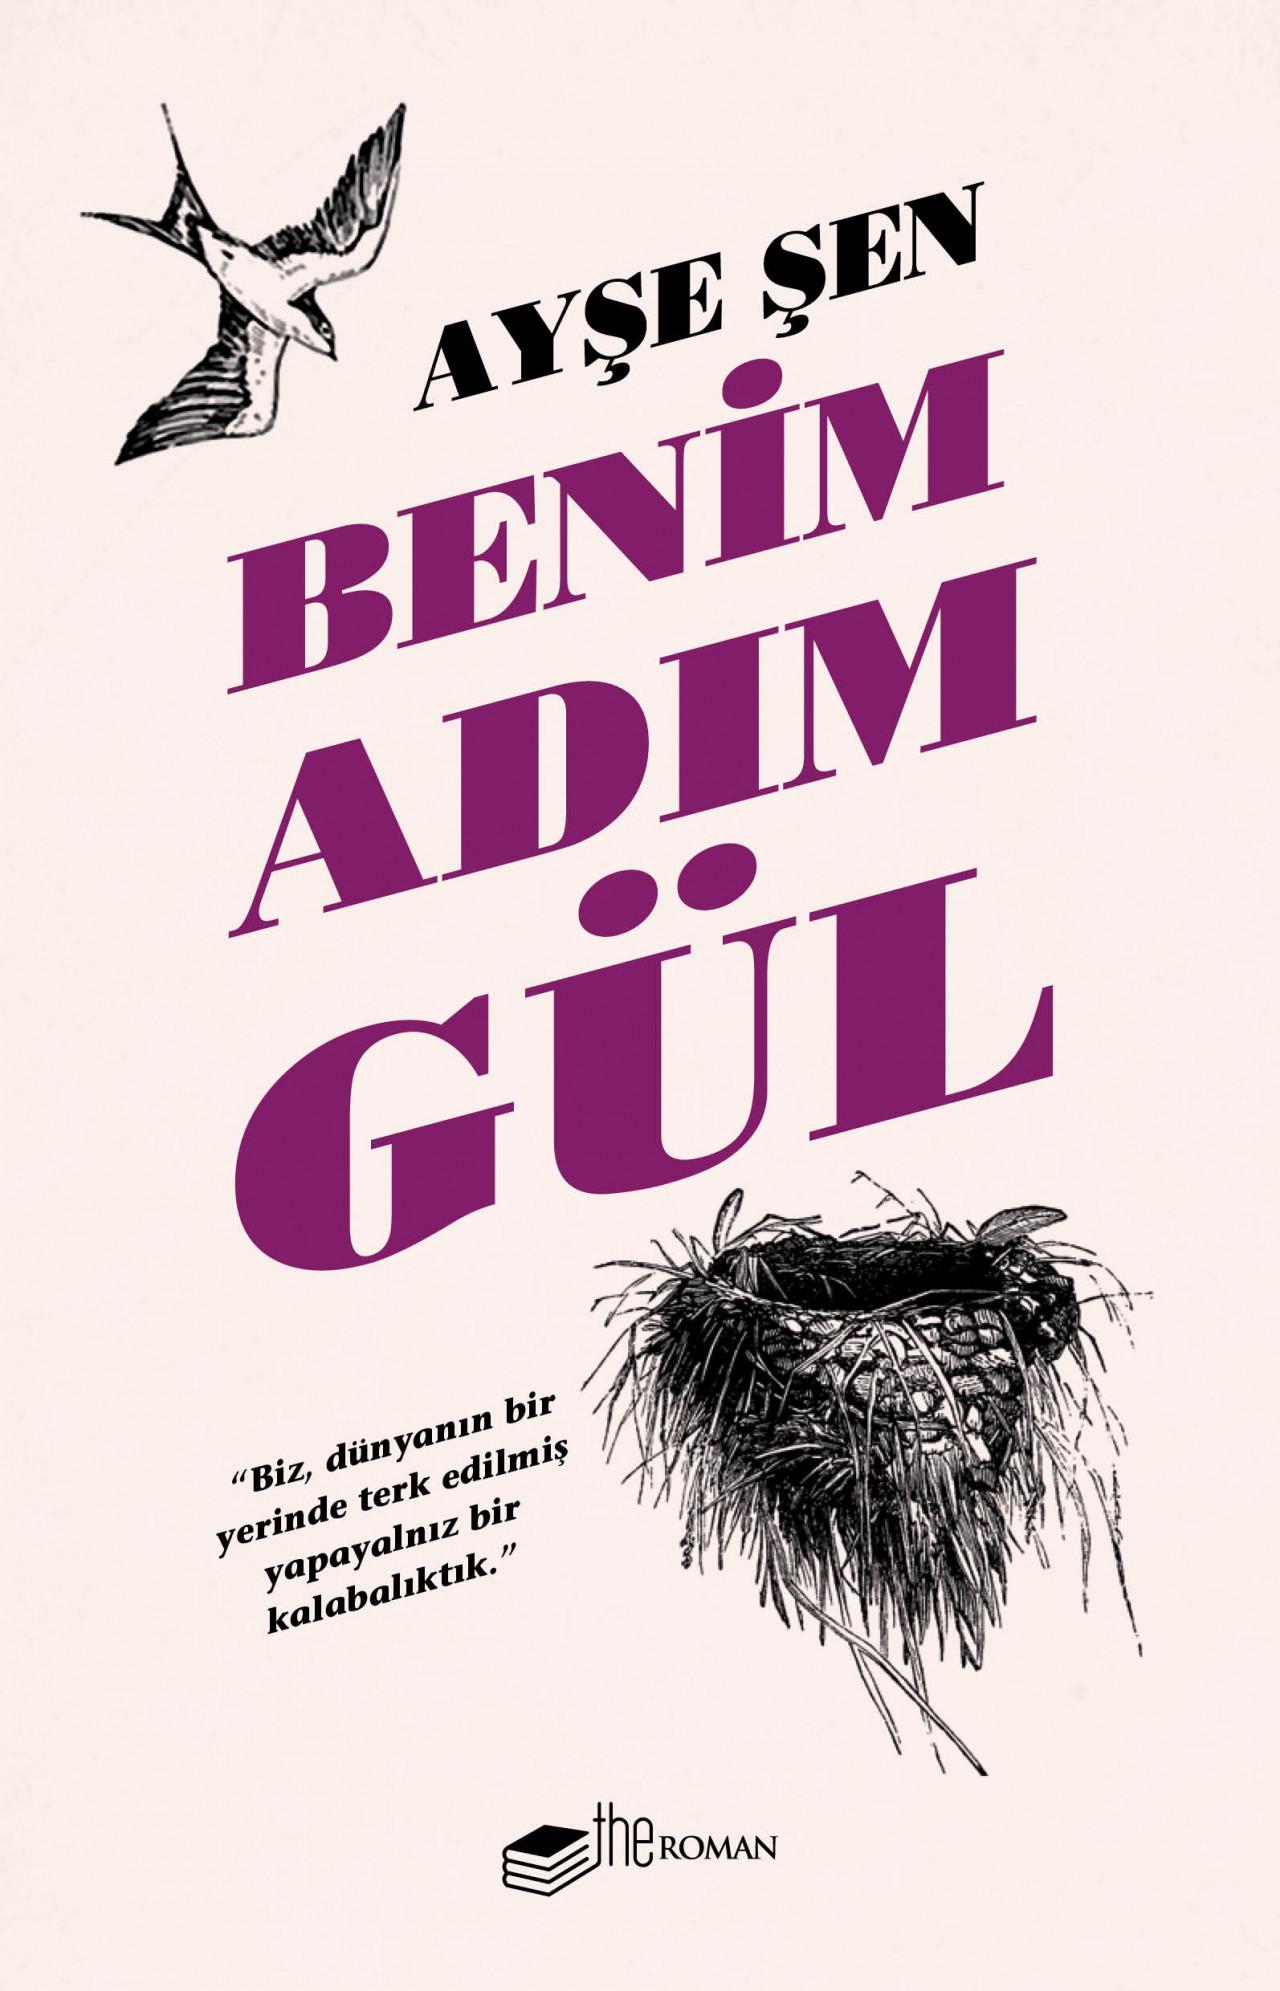 Ayşe Şen'in ilk romanı 'Benim Adım Gül' çıktı